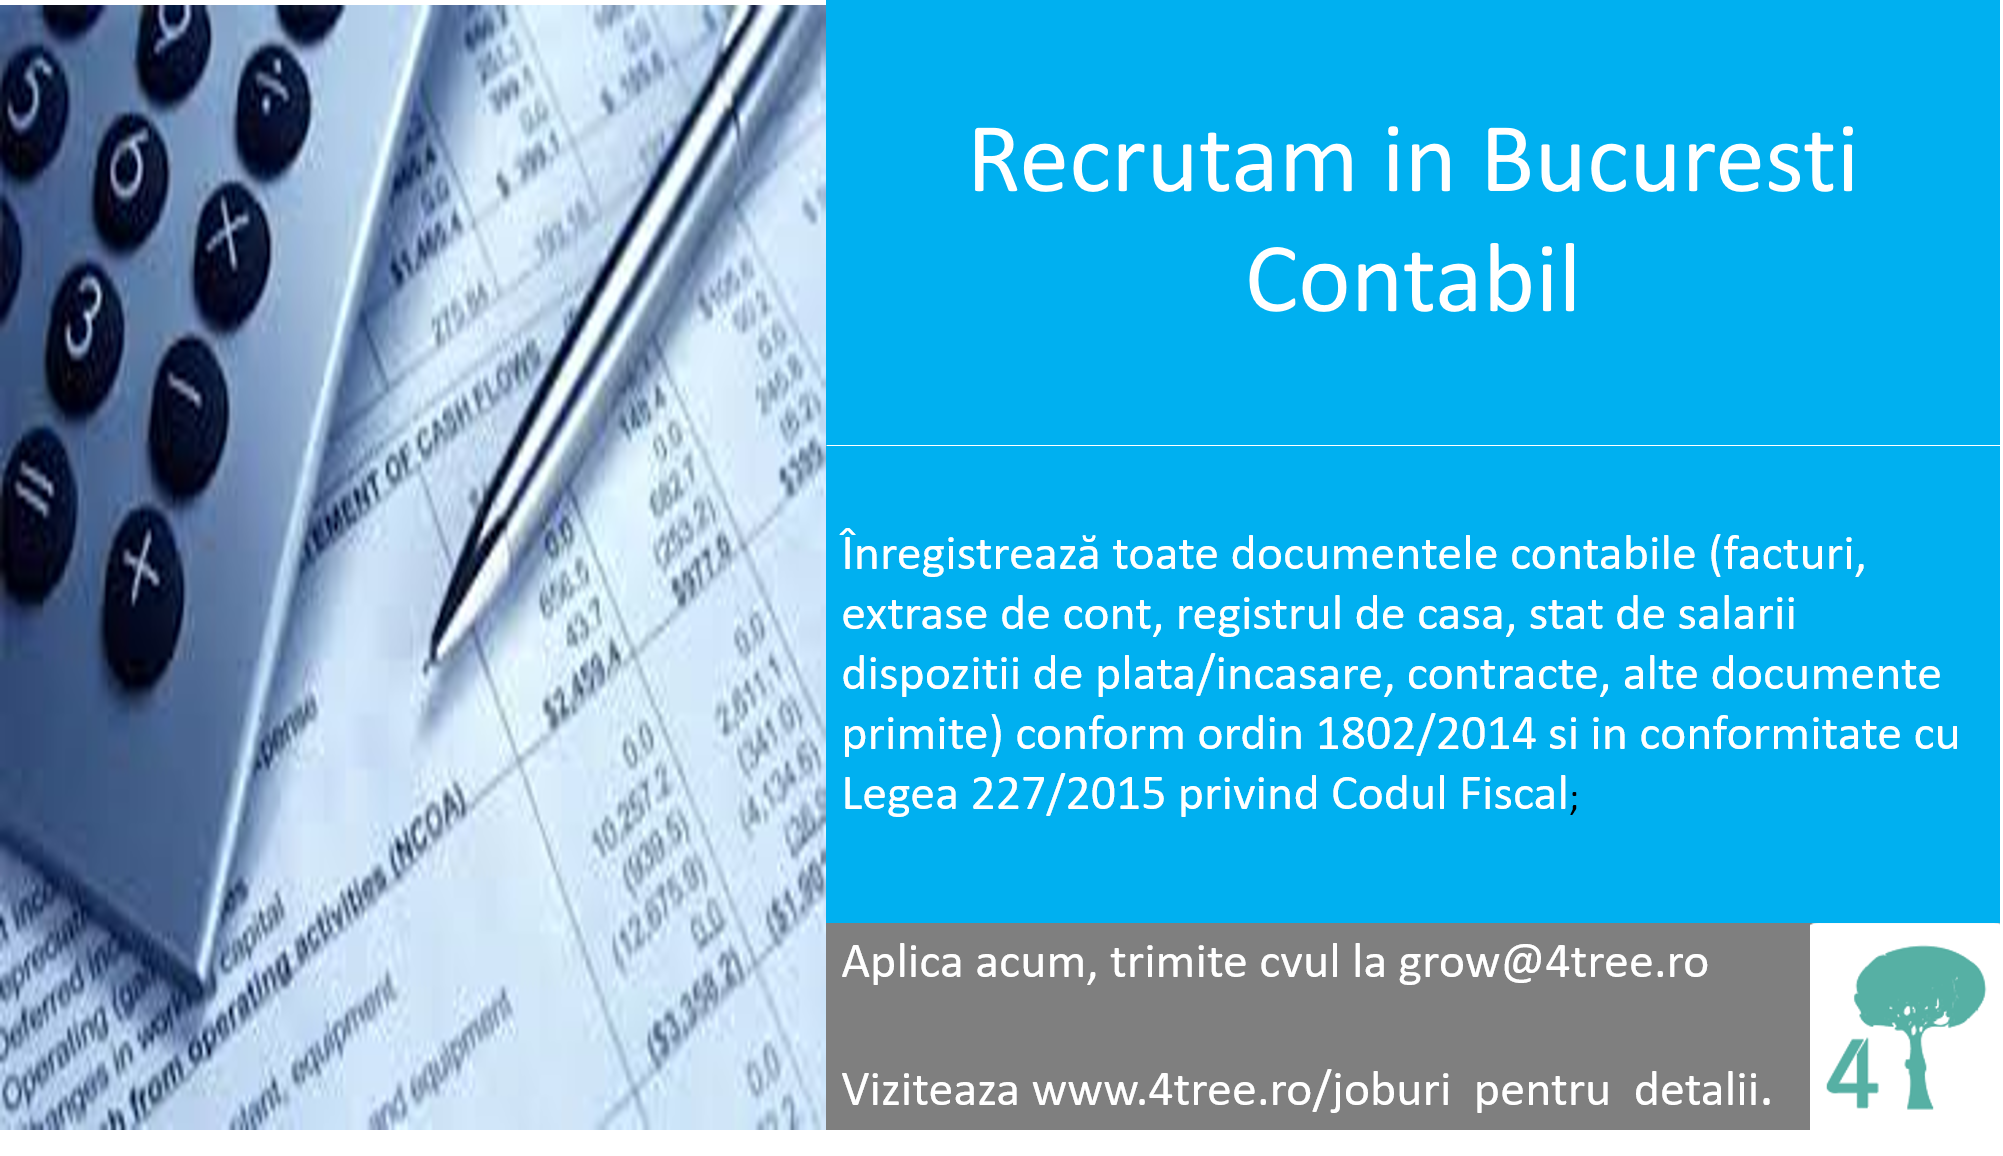 contabil-anunt